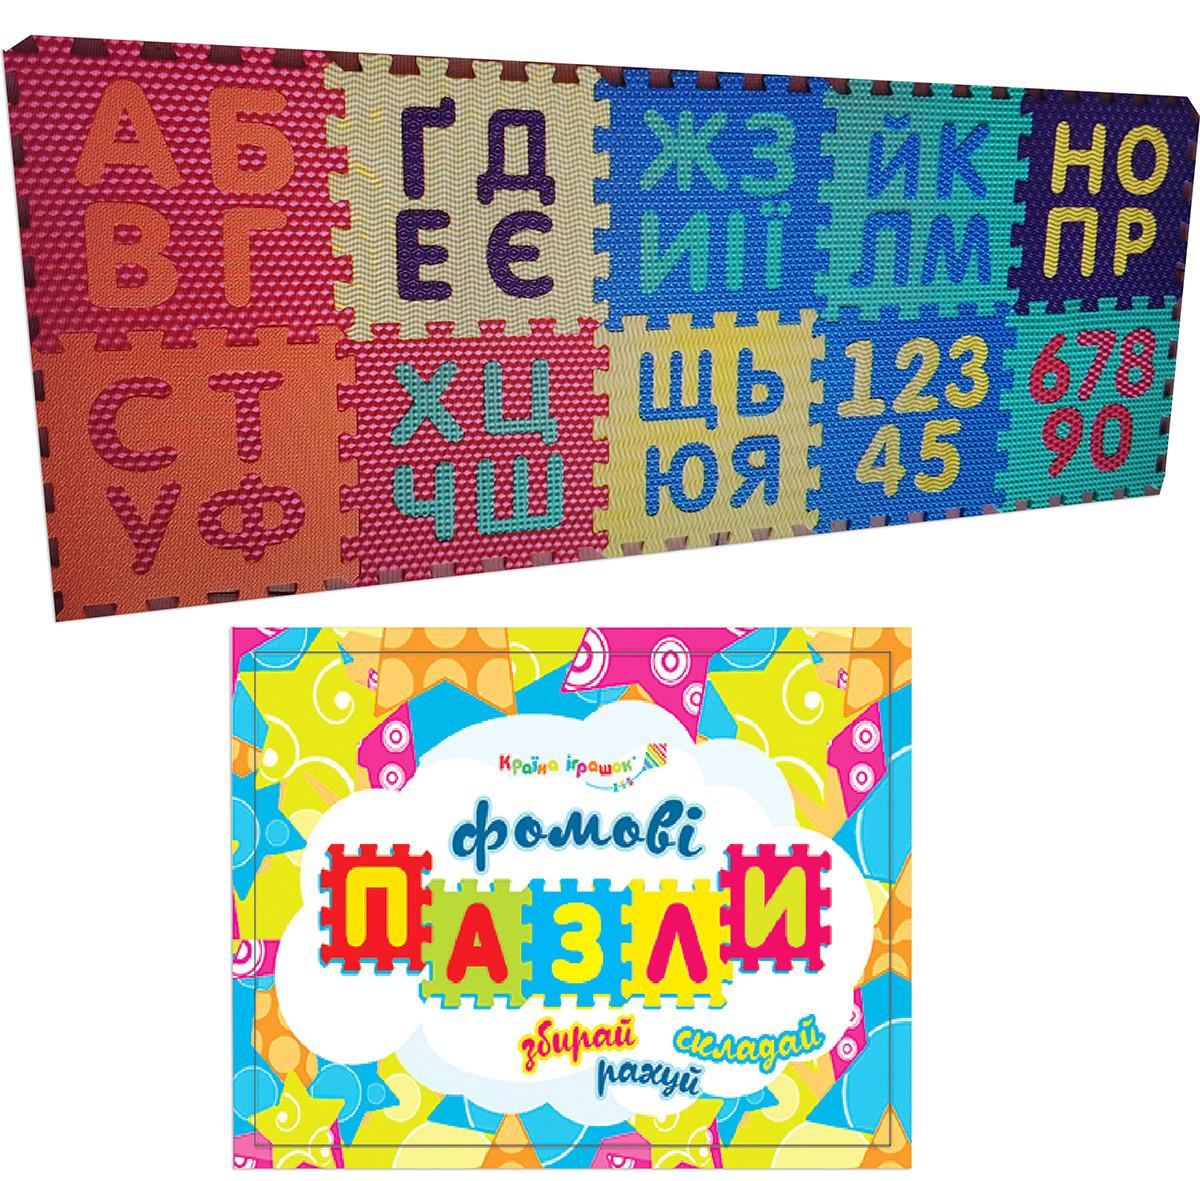 Дитячий килимок-пазл Країна іграшок Пазли фомовые, укр. алфавіт, цифри, 10 пластин, 32х32х1см (CLR709)